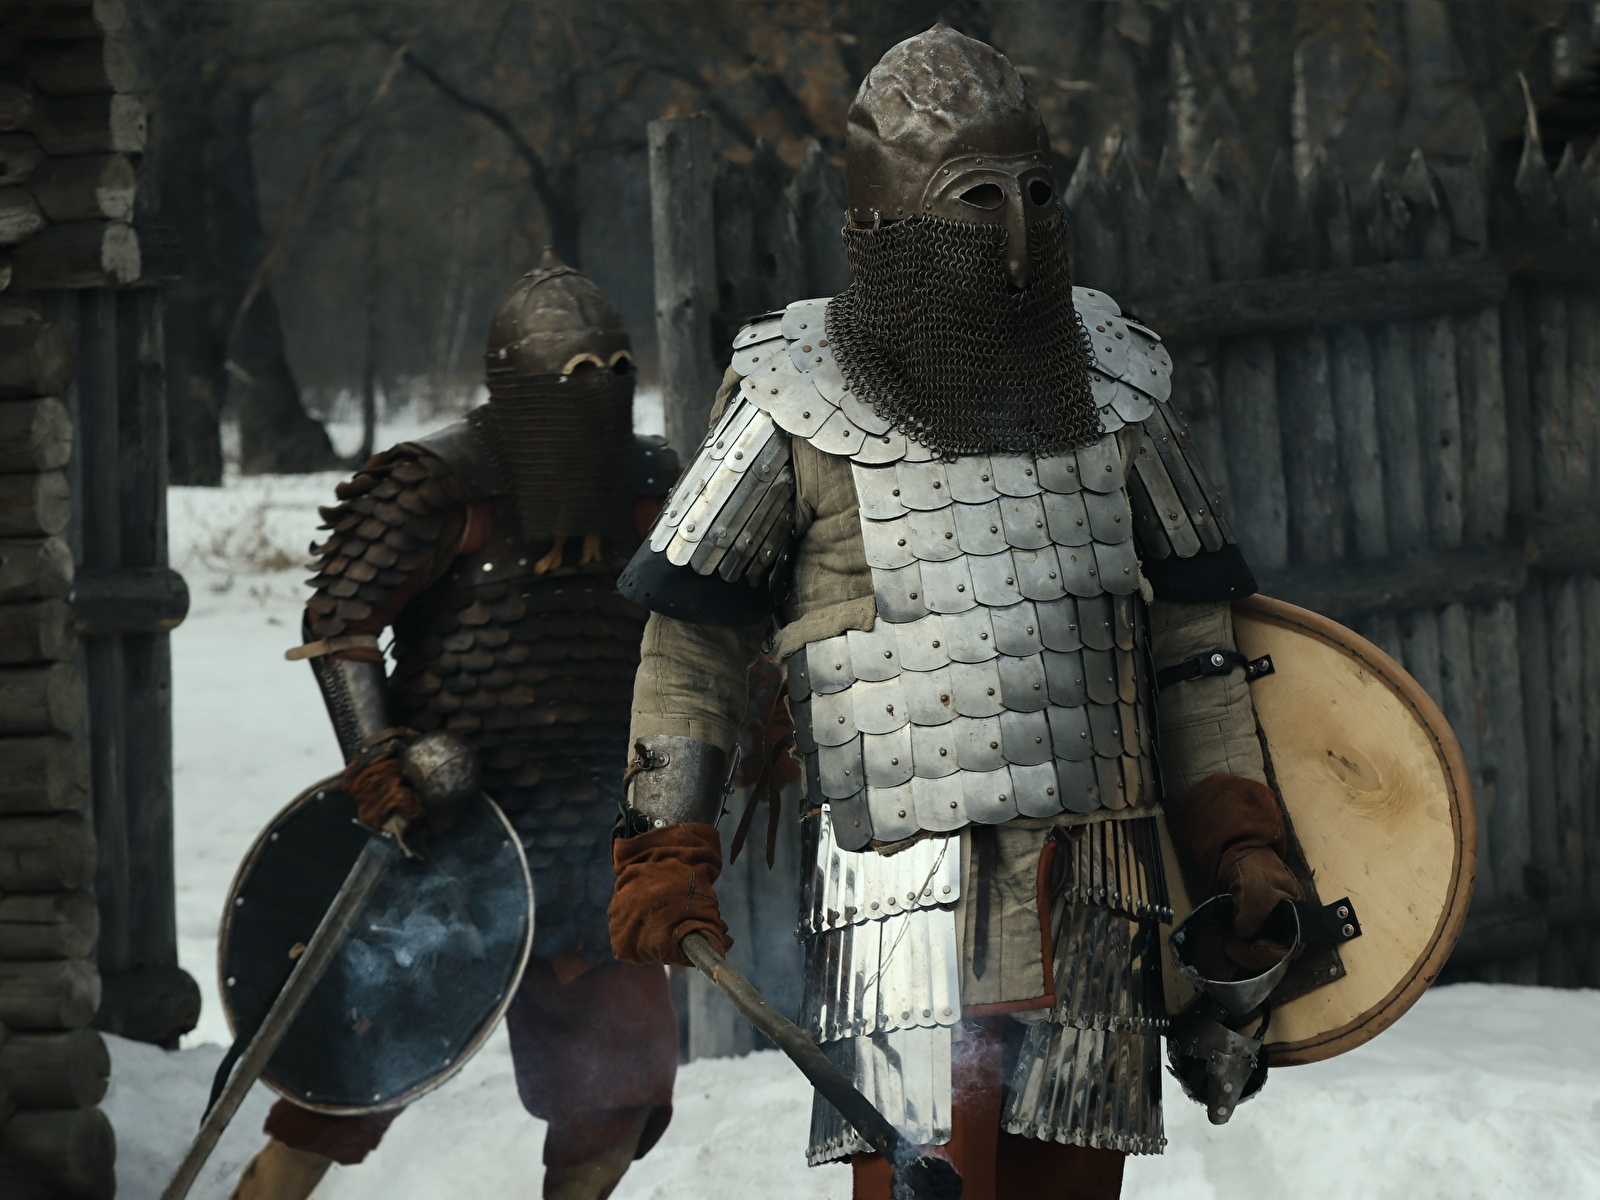 Фото Рыцарь Доспехи в шлеме Воители Мужчины два 1600x1200 броня броне доспехе доспехах воин Шлем воины шлема мужчина 2 две Двое вдвоем